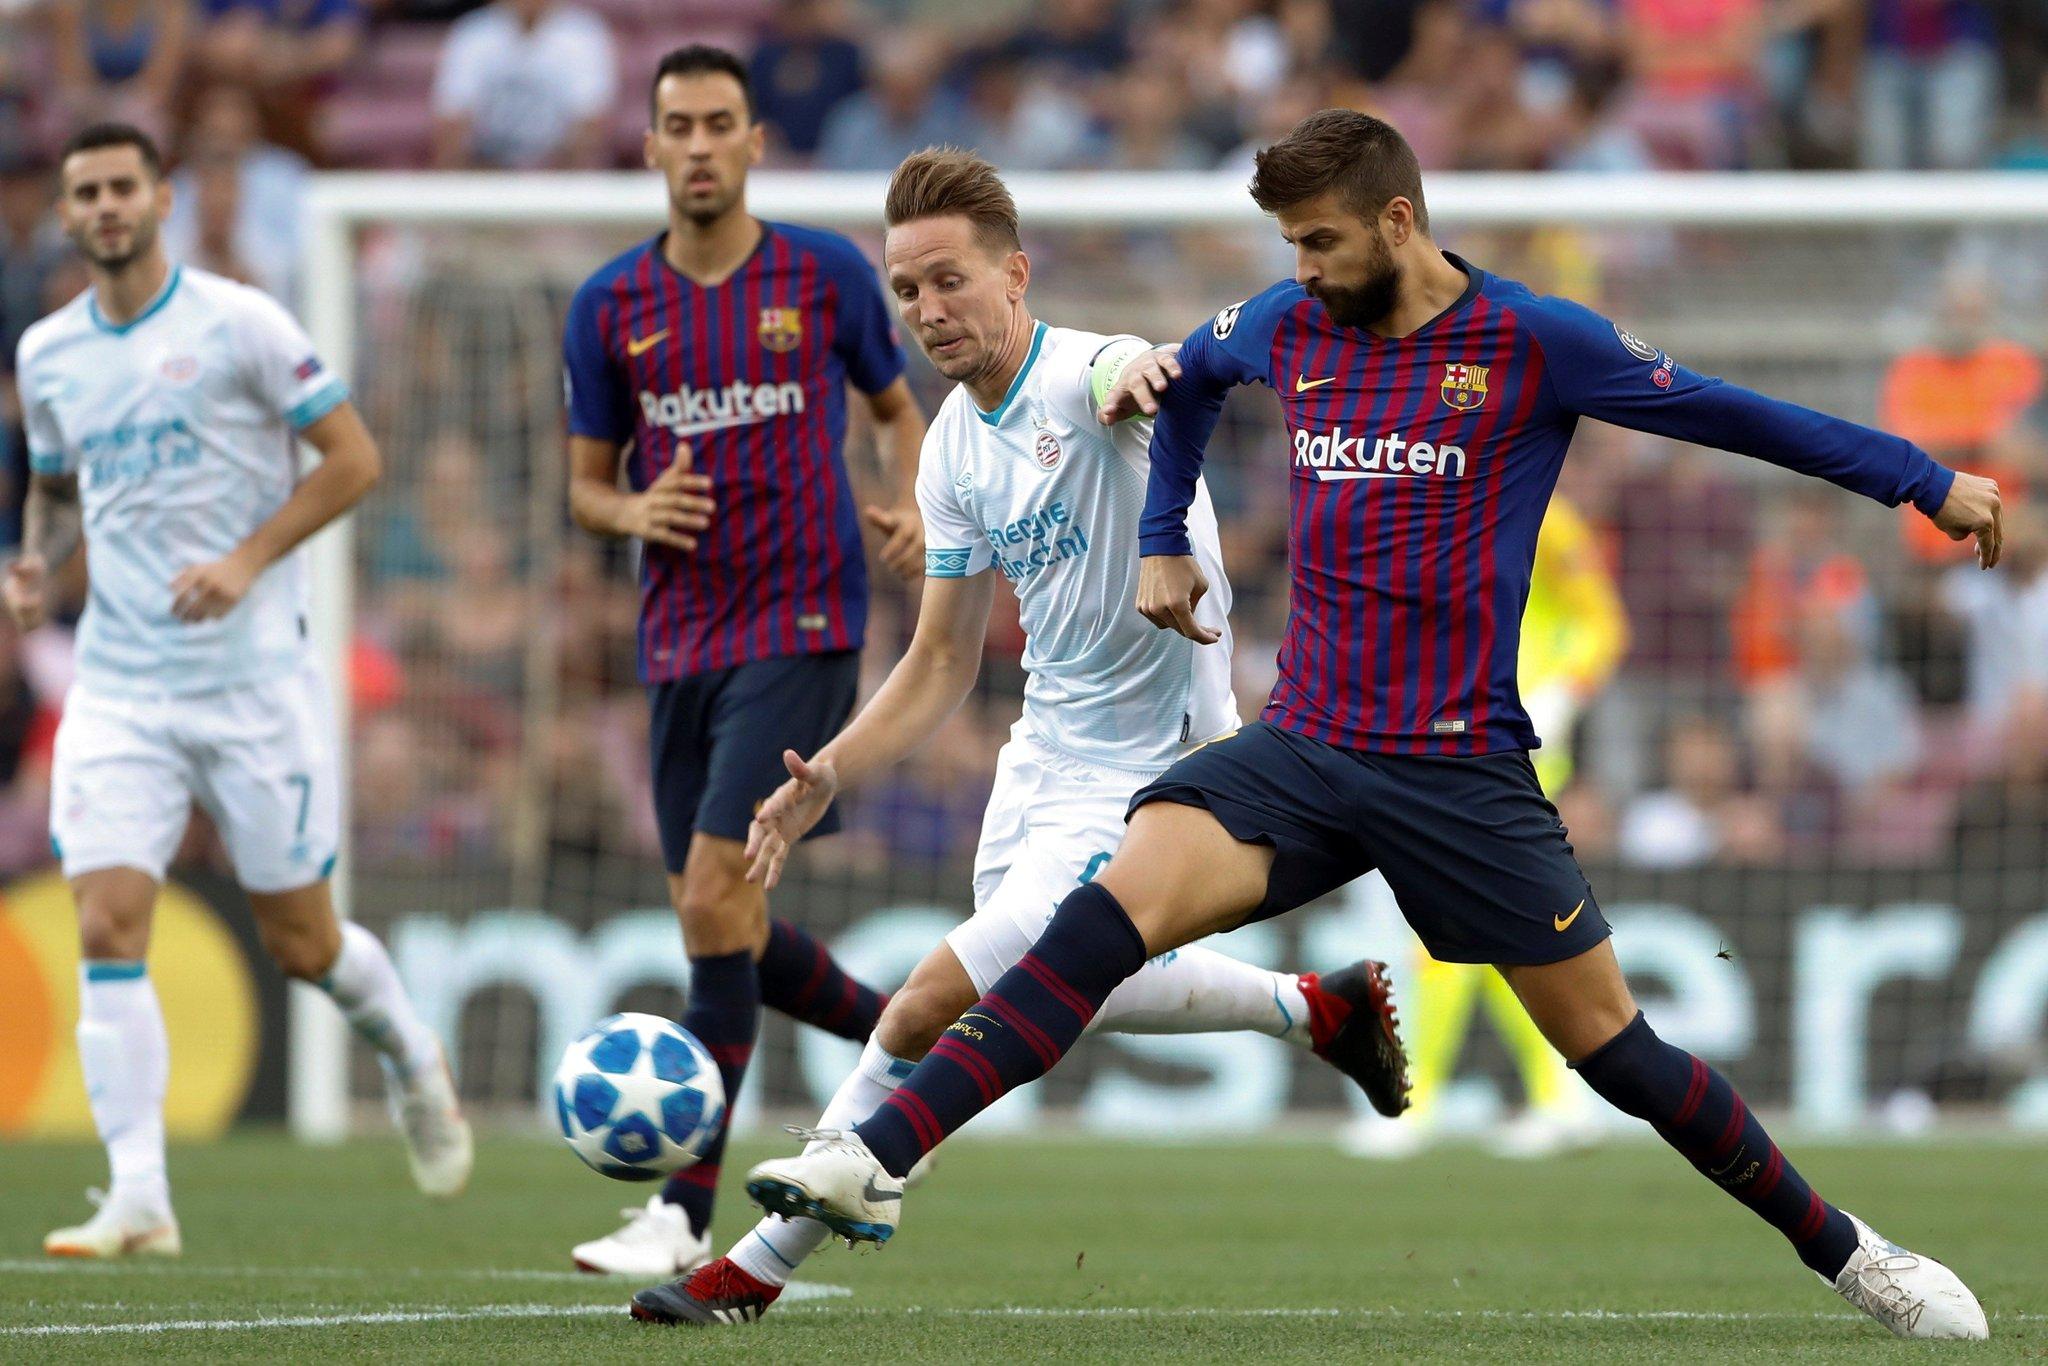 صور مباراة : برشلونة - PSV إندهوفن 4-0 ( 18-09-2018 )  DnaSaYHUcAA9k5c